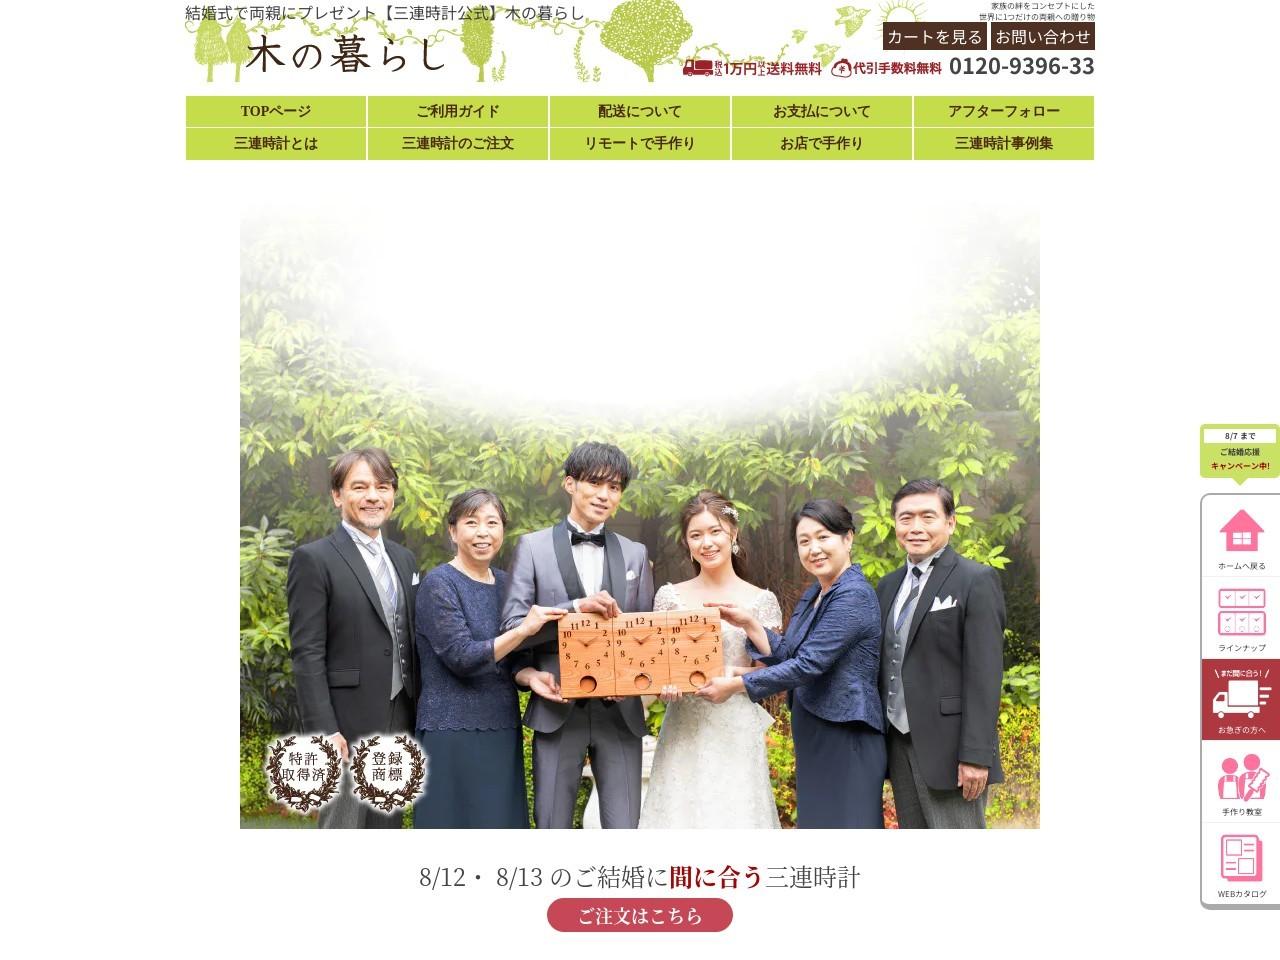 結婚式で両親に贈るプレゼント~三連時計~【木の暮らし】